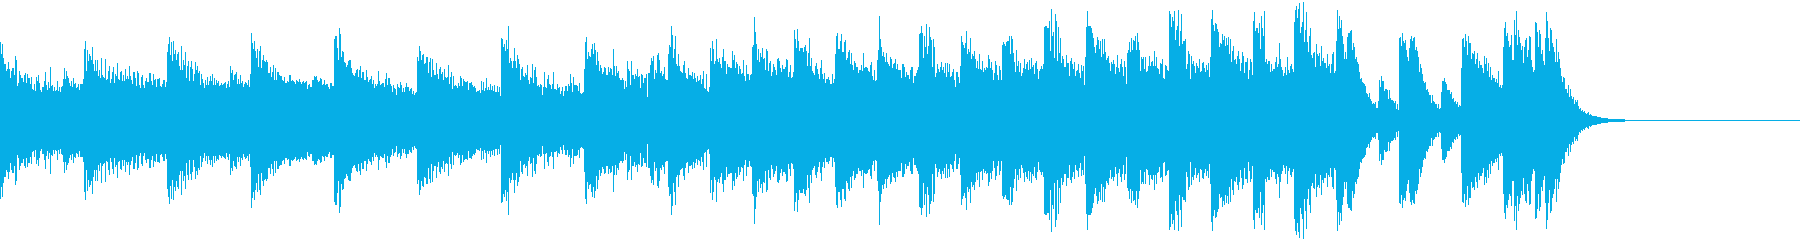 大一番!の切迫したシーンのピアノジングルの再生済みの波形